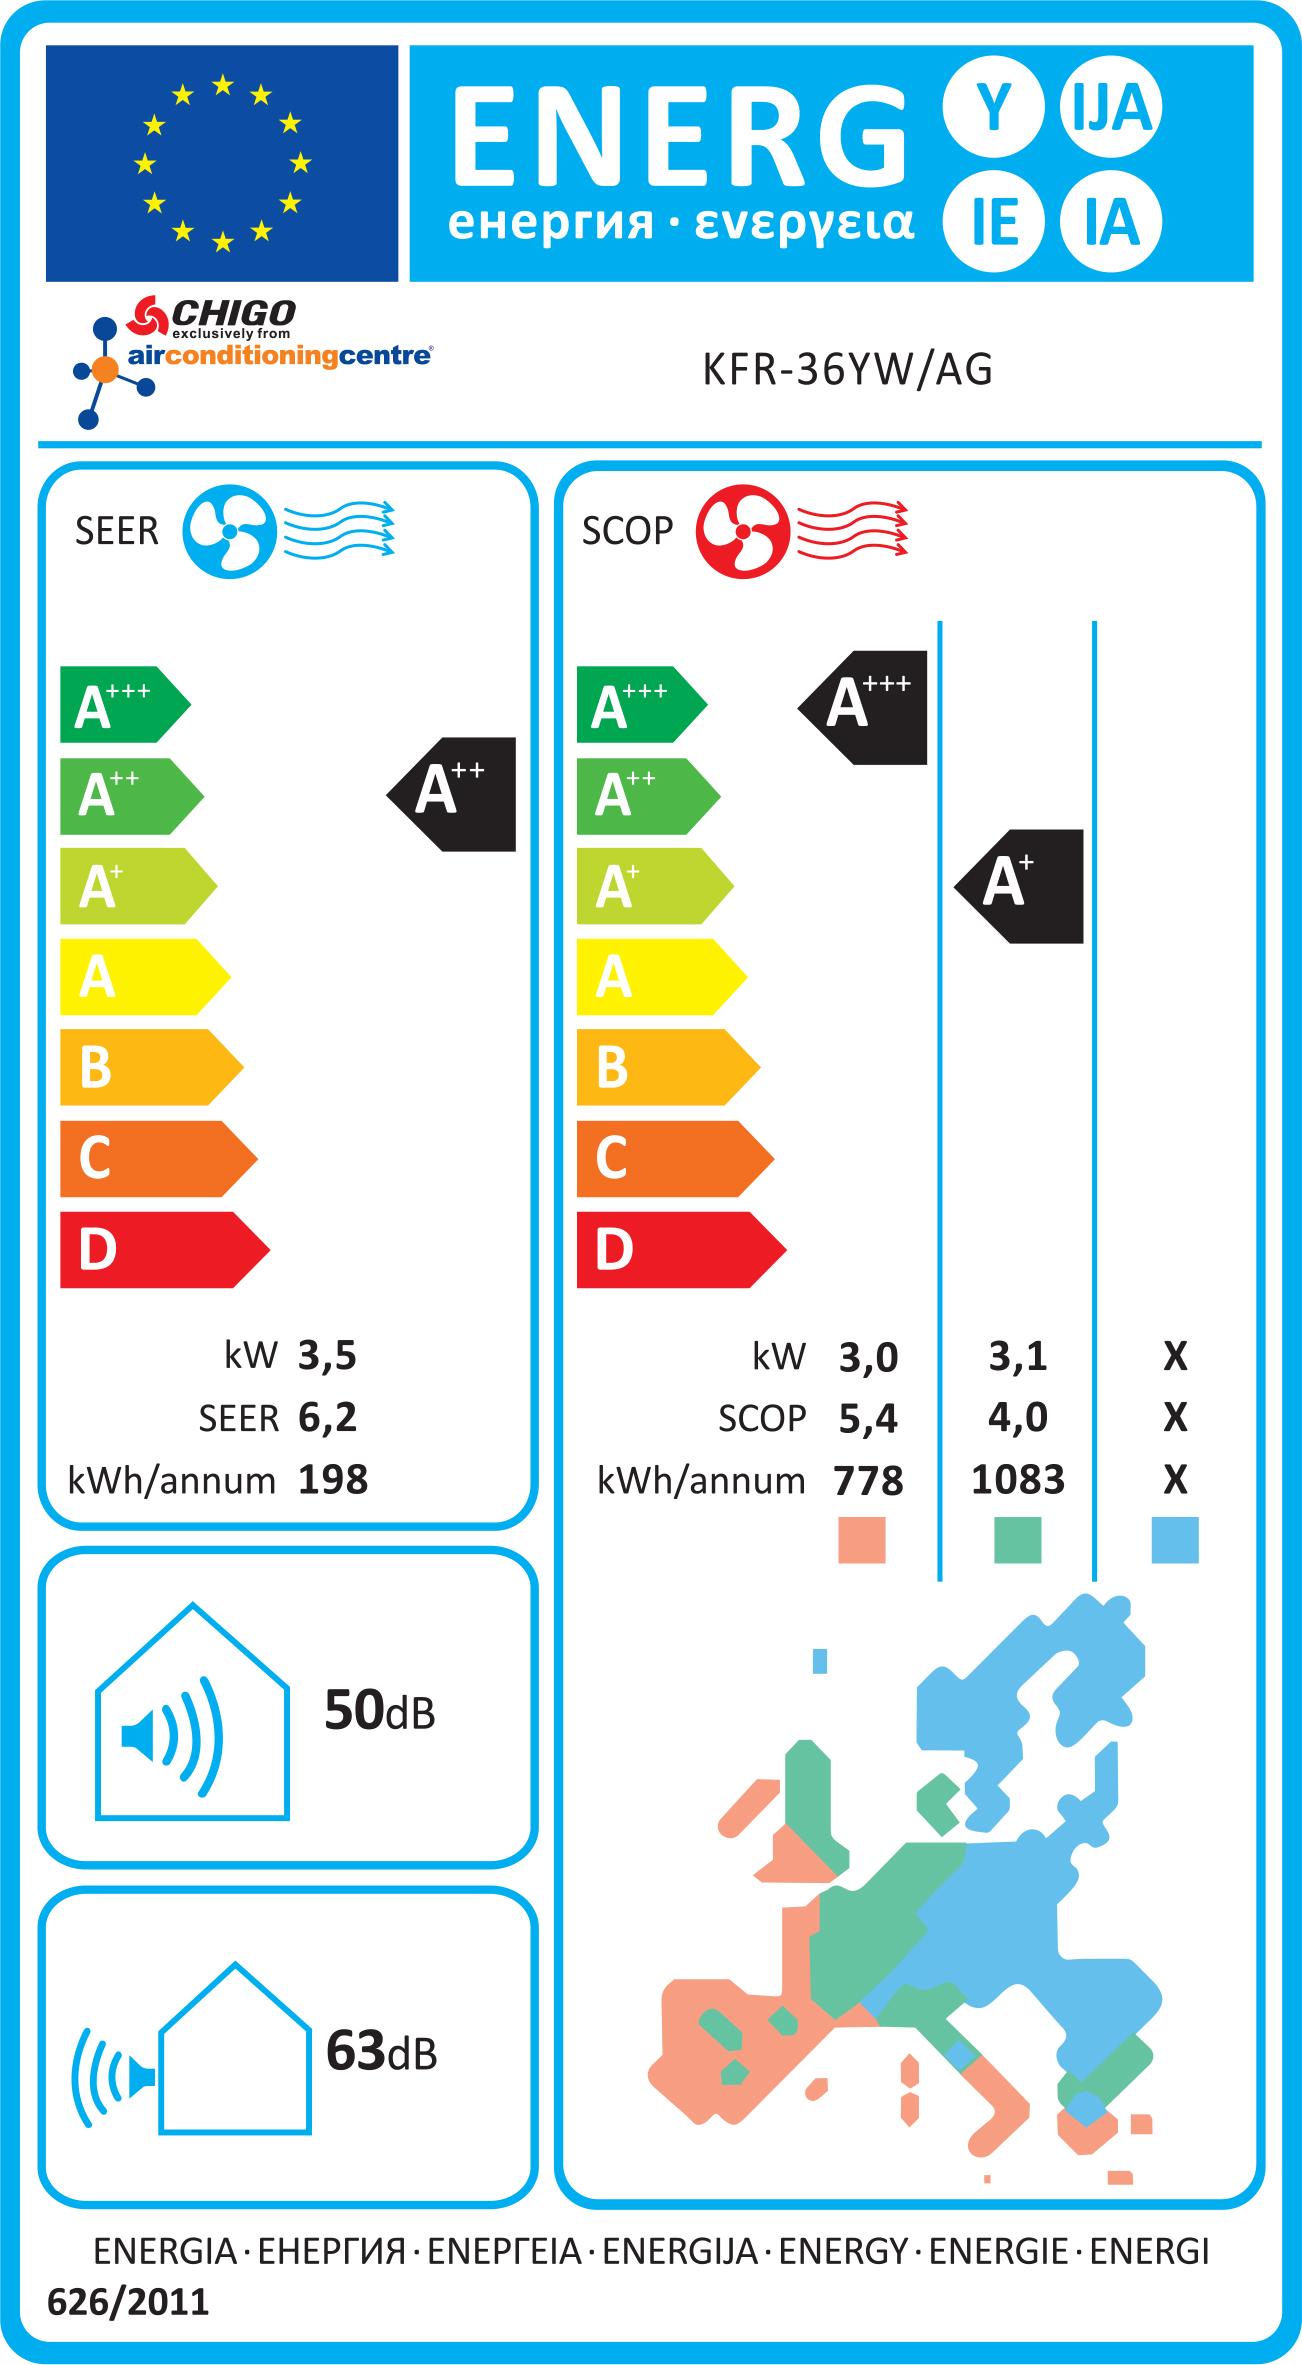 KFR-36YWAG Energy Label